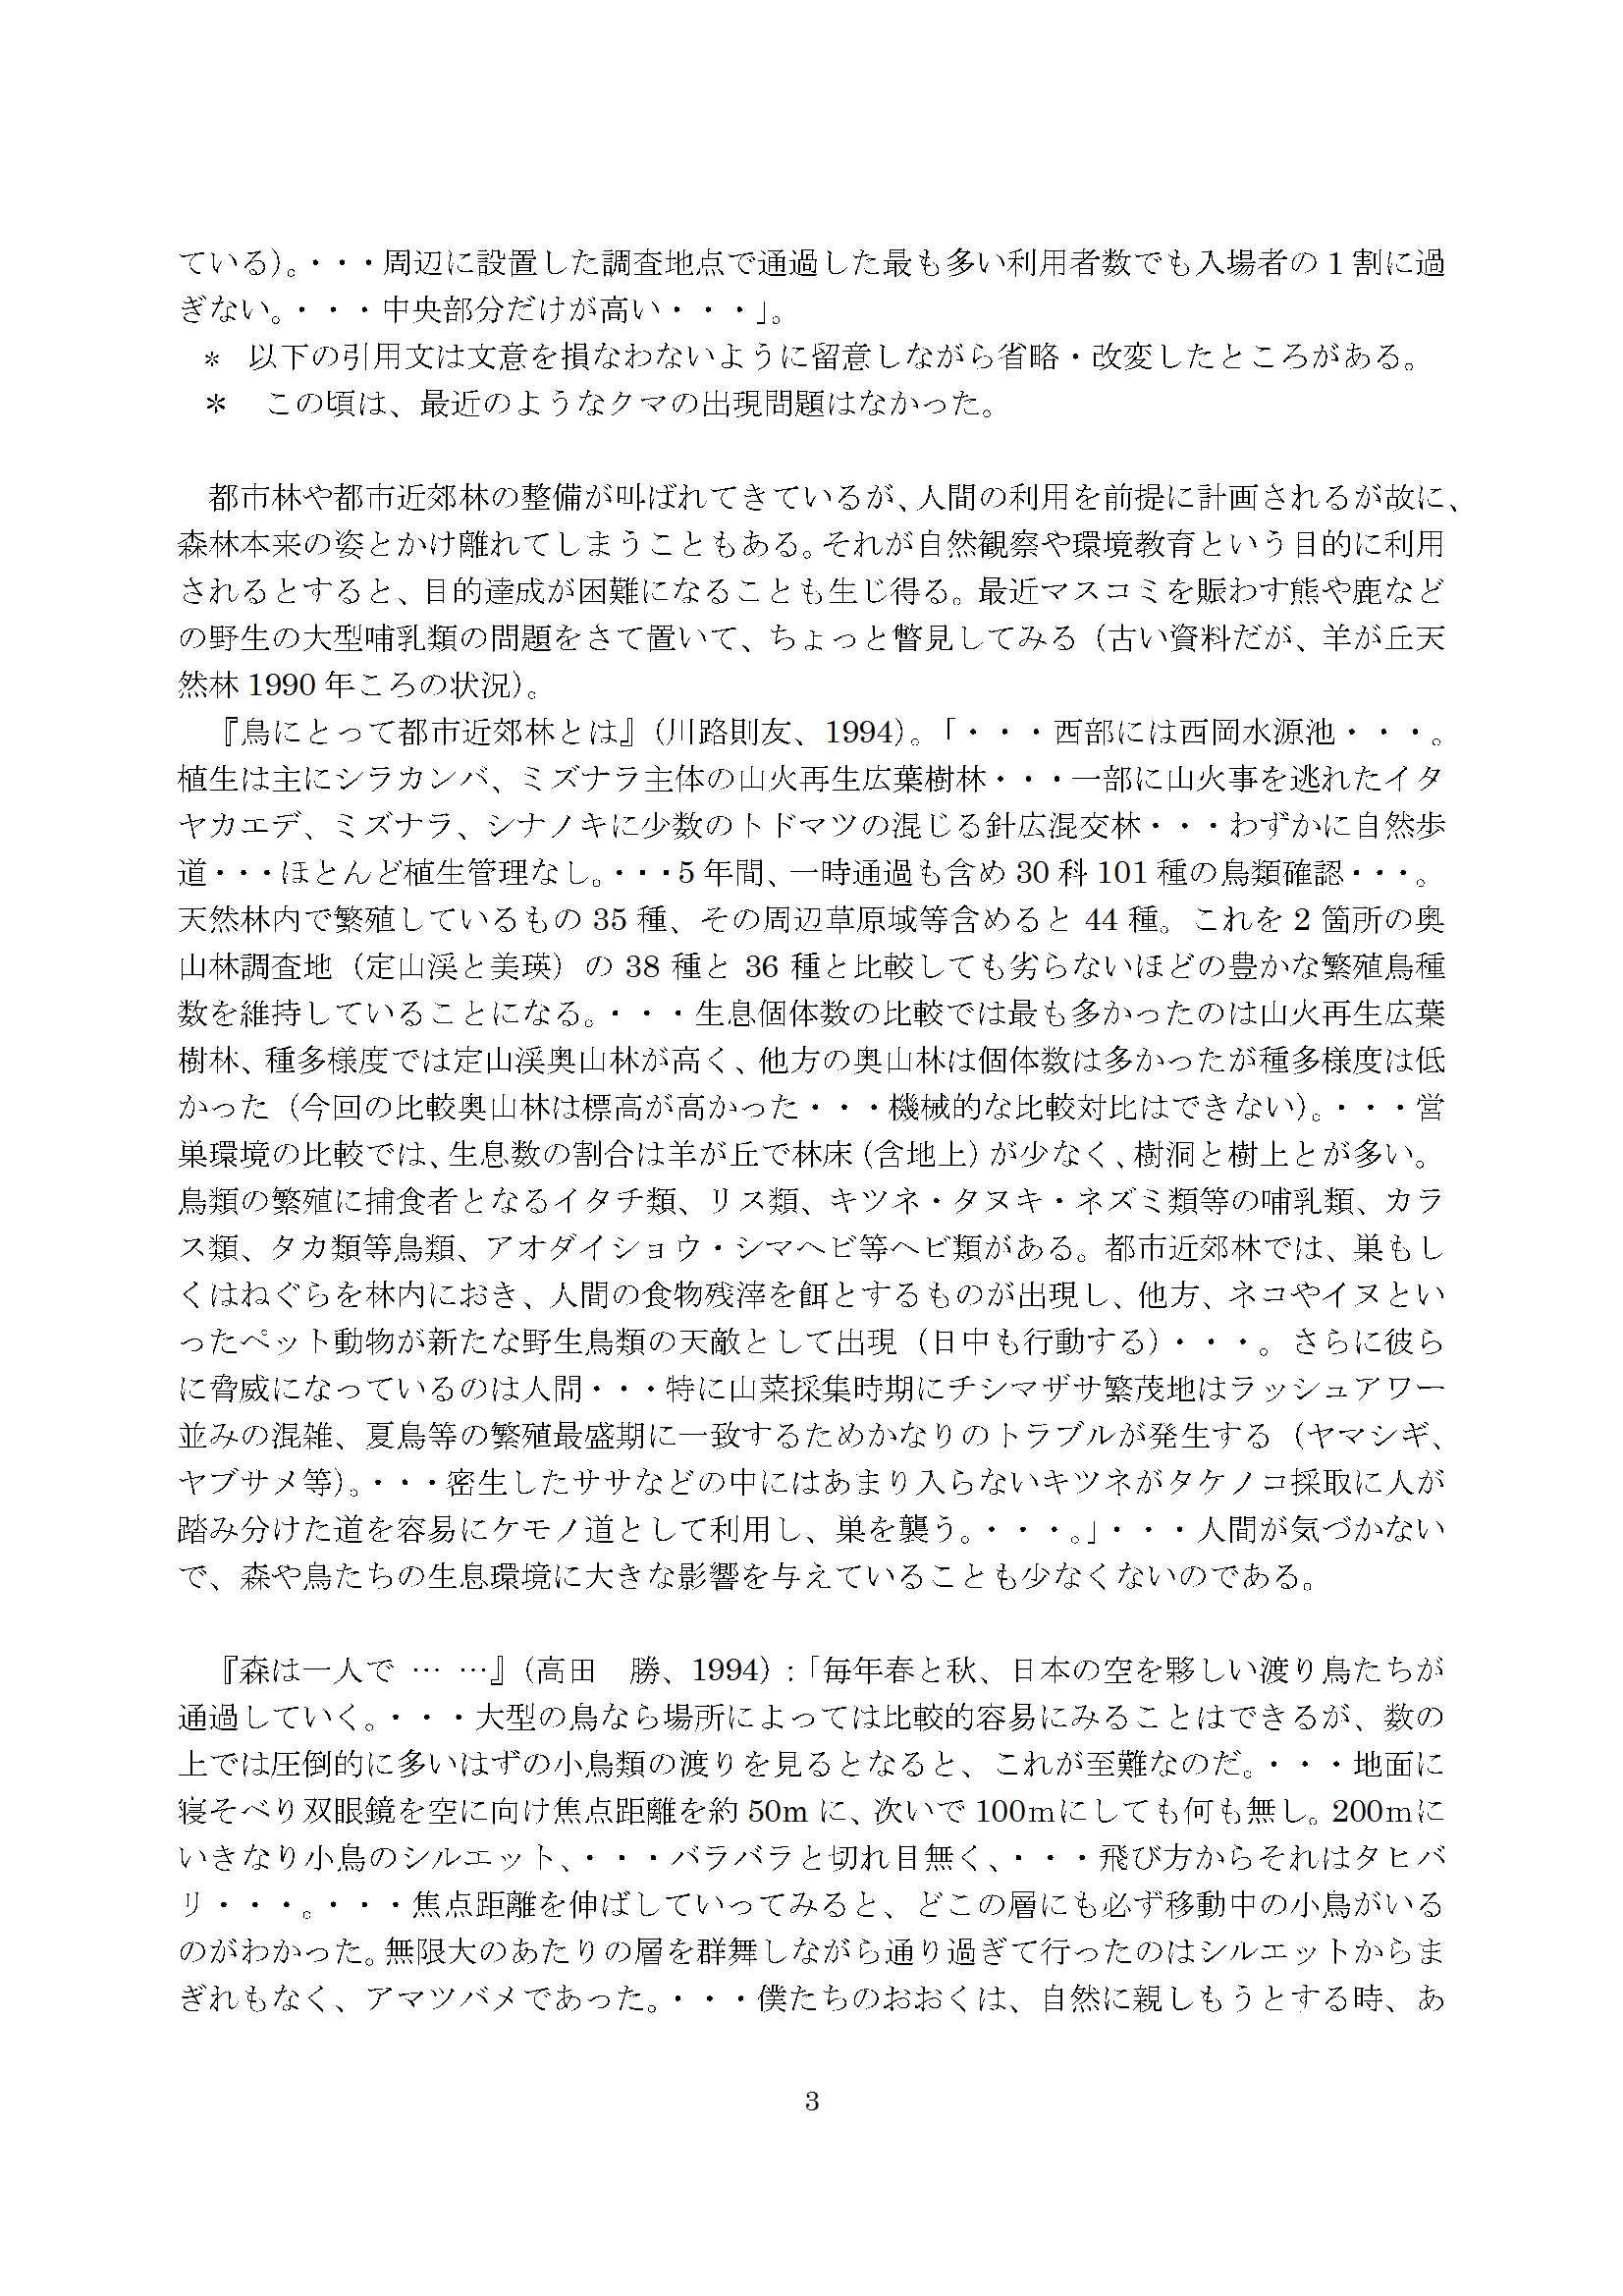 失われた森-1-2-私の好きな楽しみ(解説文 岡部賢二氏)a-3